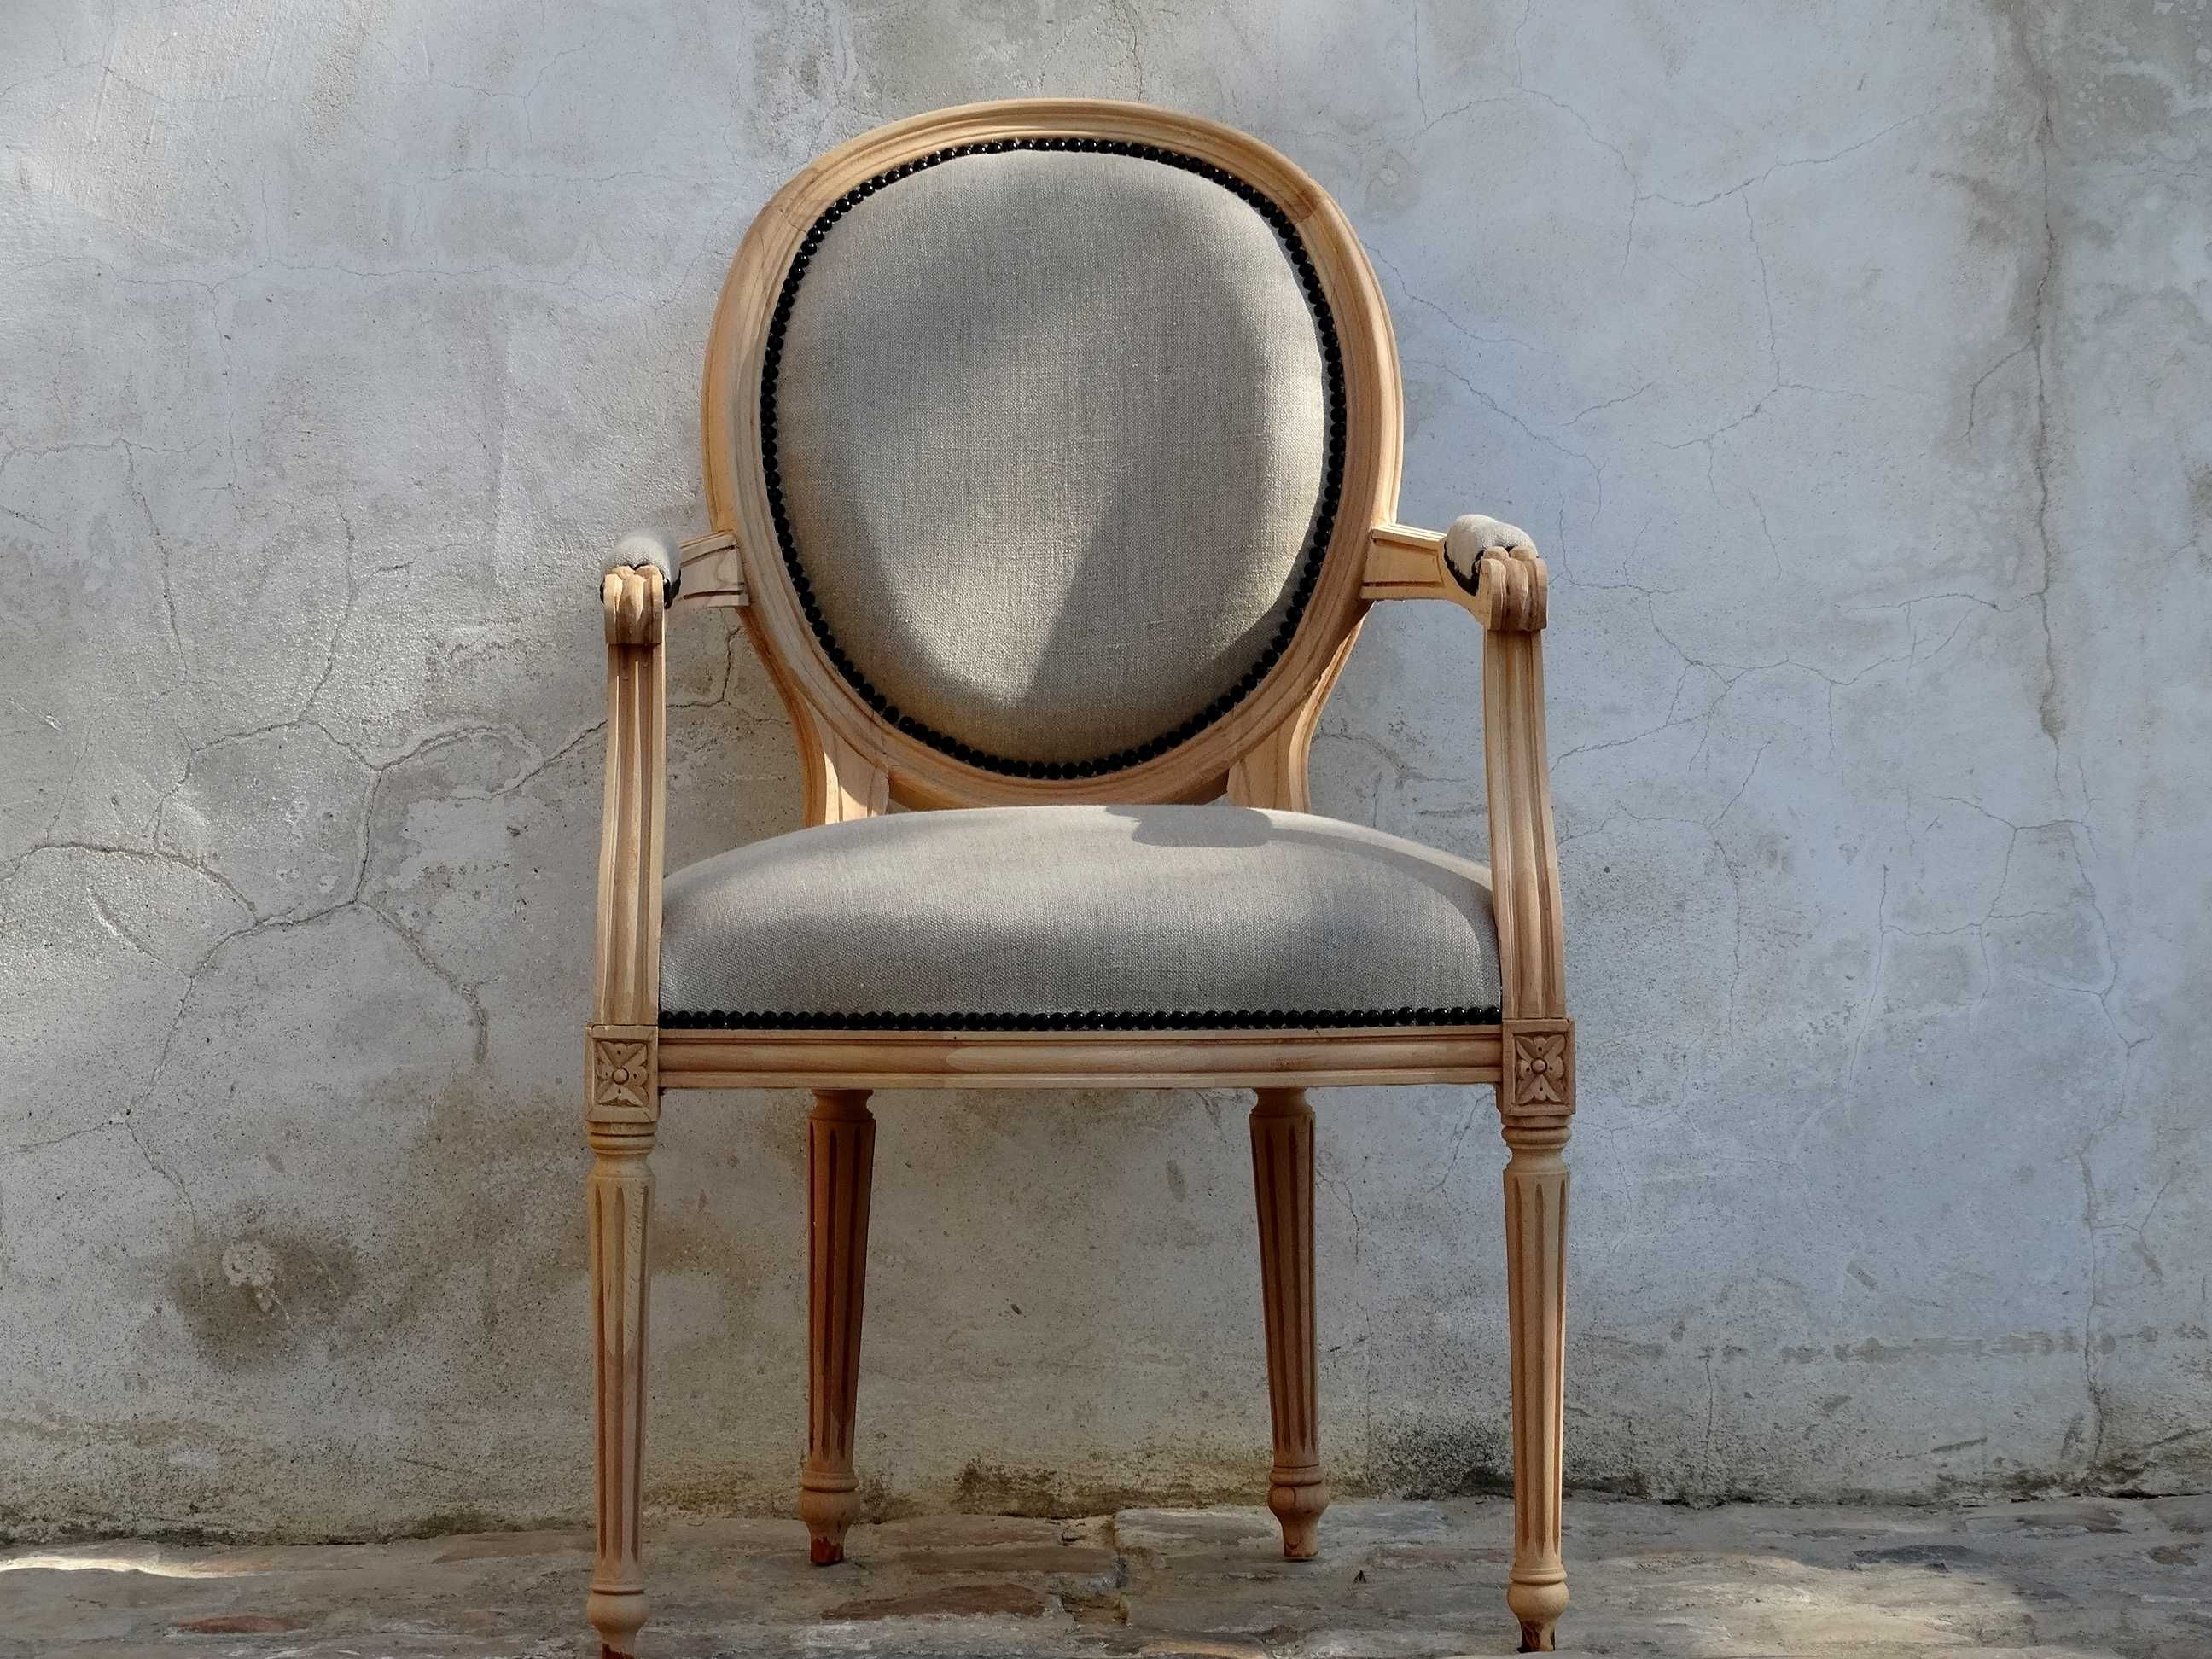 fauteuil m daillon louis xvi personnalis lin naturel cloutage tapissier 254 d co. Black Bedroom Furniture Sets. Home Design Ideas